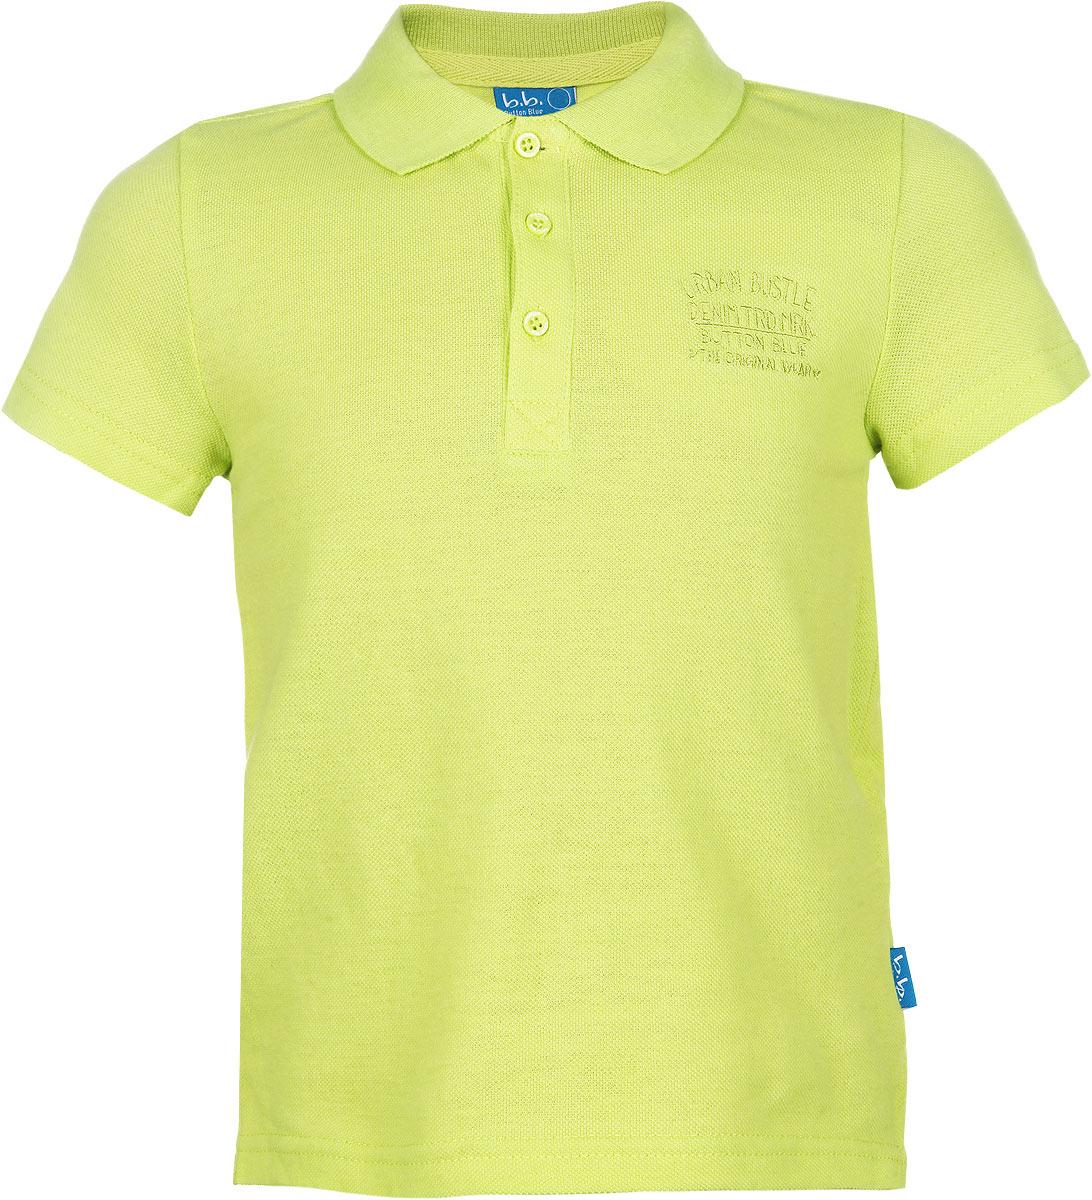 116BBBB1405Очаровательная футболка-поло для мальчика Button Blue идеально подойдет вашему ребенку. Изготовленная из 100% хлопка, она необычайно мягкая и приятная на ощупь, не сковывает движения и позволяет коже дышать, не раздражает даже самую нежную и чувствительную кожу ребенка, обеспечивая ему наибольший комфорт. Футболка-поло с короткими рукавами и отложным воротничком застегивается на три пуговицы сверху. Спинка модели удлинена, по бокам имеются небольшие разрезы. Спереди изделие украшено вышитыми надписями. Однотонная футболка-поло будет великолепно сочетаться с любыми вещами. Оригинальный современный дизайн и модная расцветка делают эту футболку стильным предметом детского гардероба. В ней ваш маленький мужчина будет чувствовать себя уютно, комфортно и всегда будет в центре внимания!